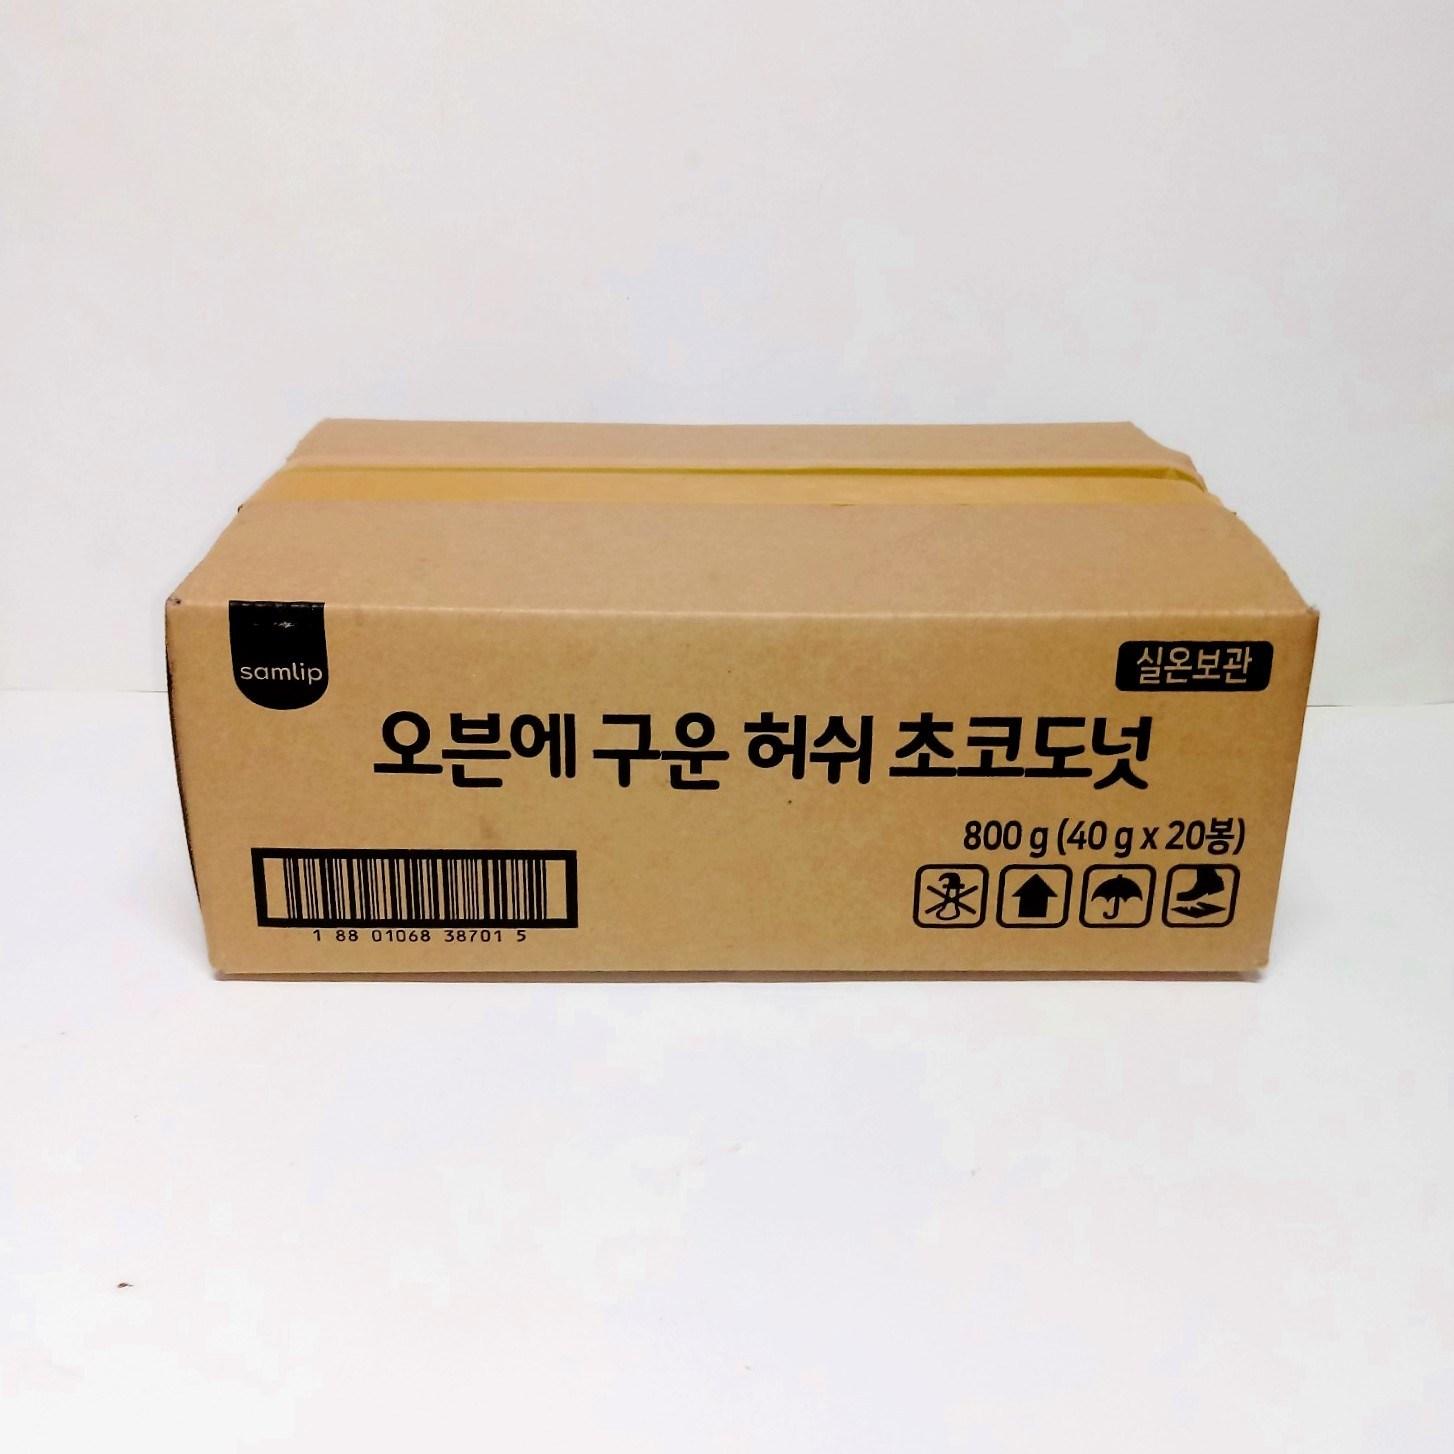 삼립 허쉬초코도넛1박스, 1box, 40g